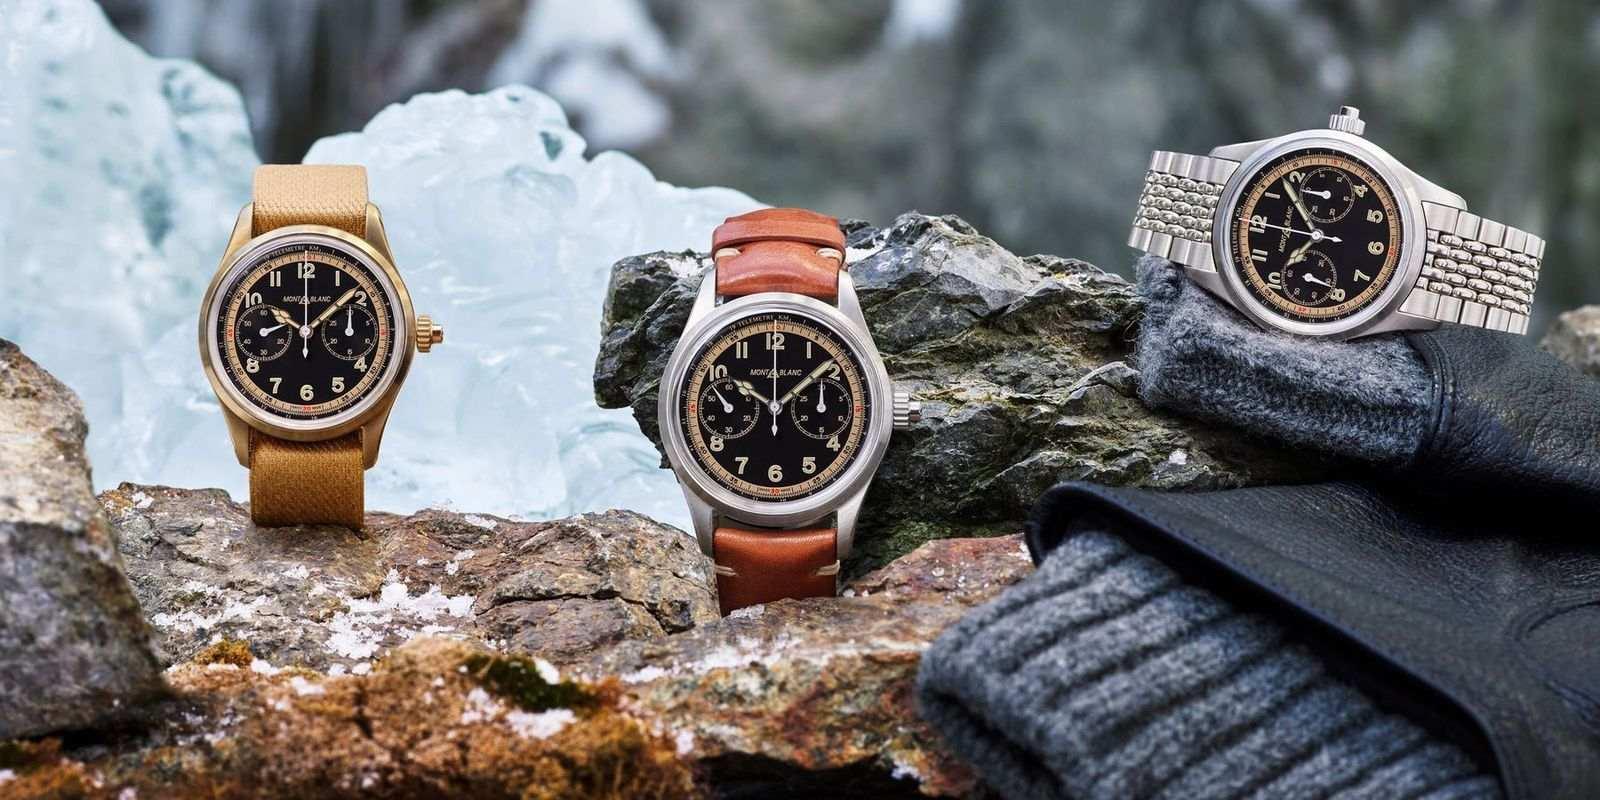 【2020線上錶展】當復古風味結合探險精神:萬寶龍新款1858腕錶